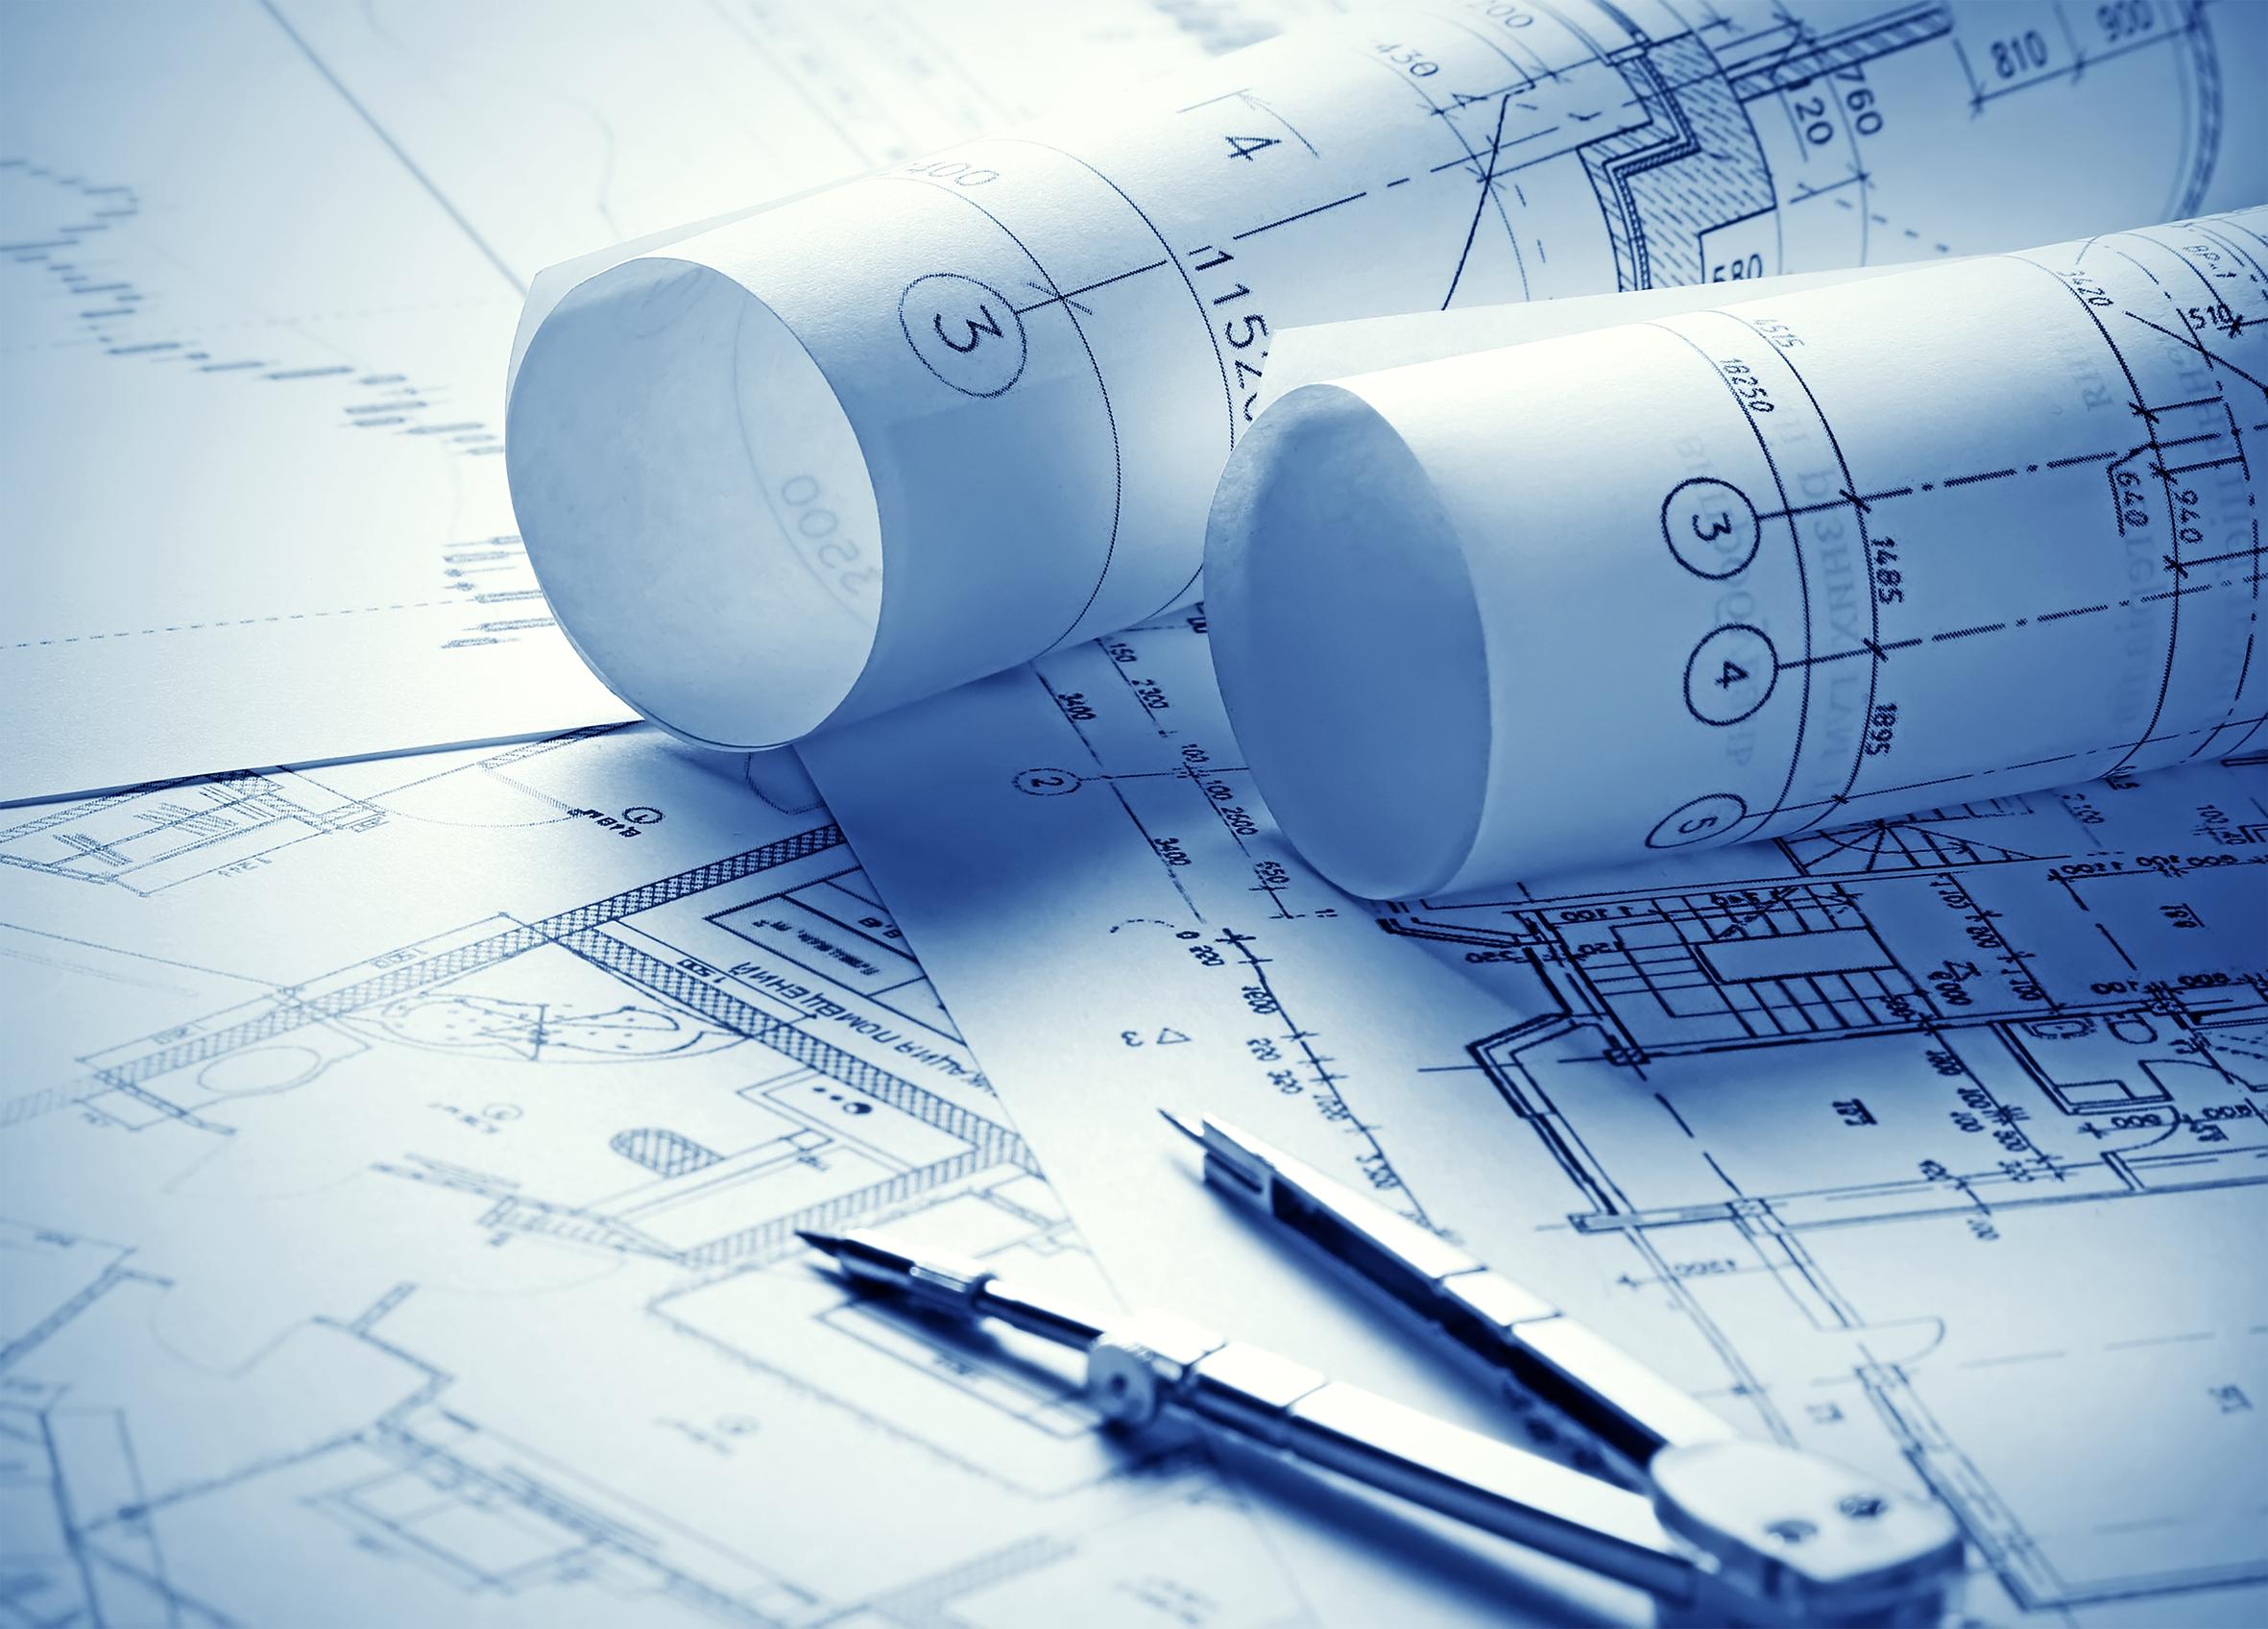 Ulaştırma Alanında Önemli Projeler Üretiyoruz...